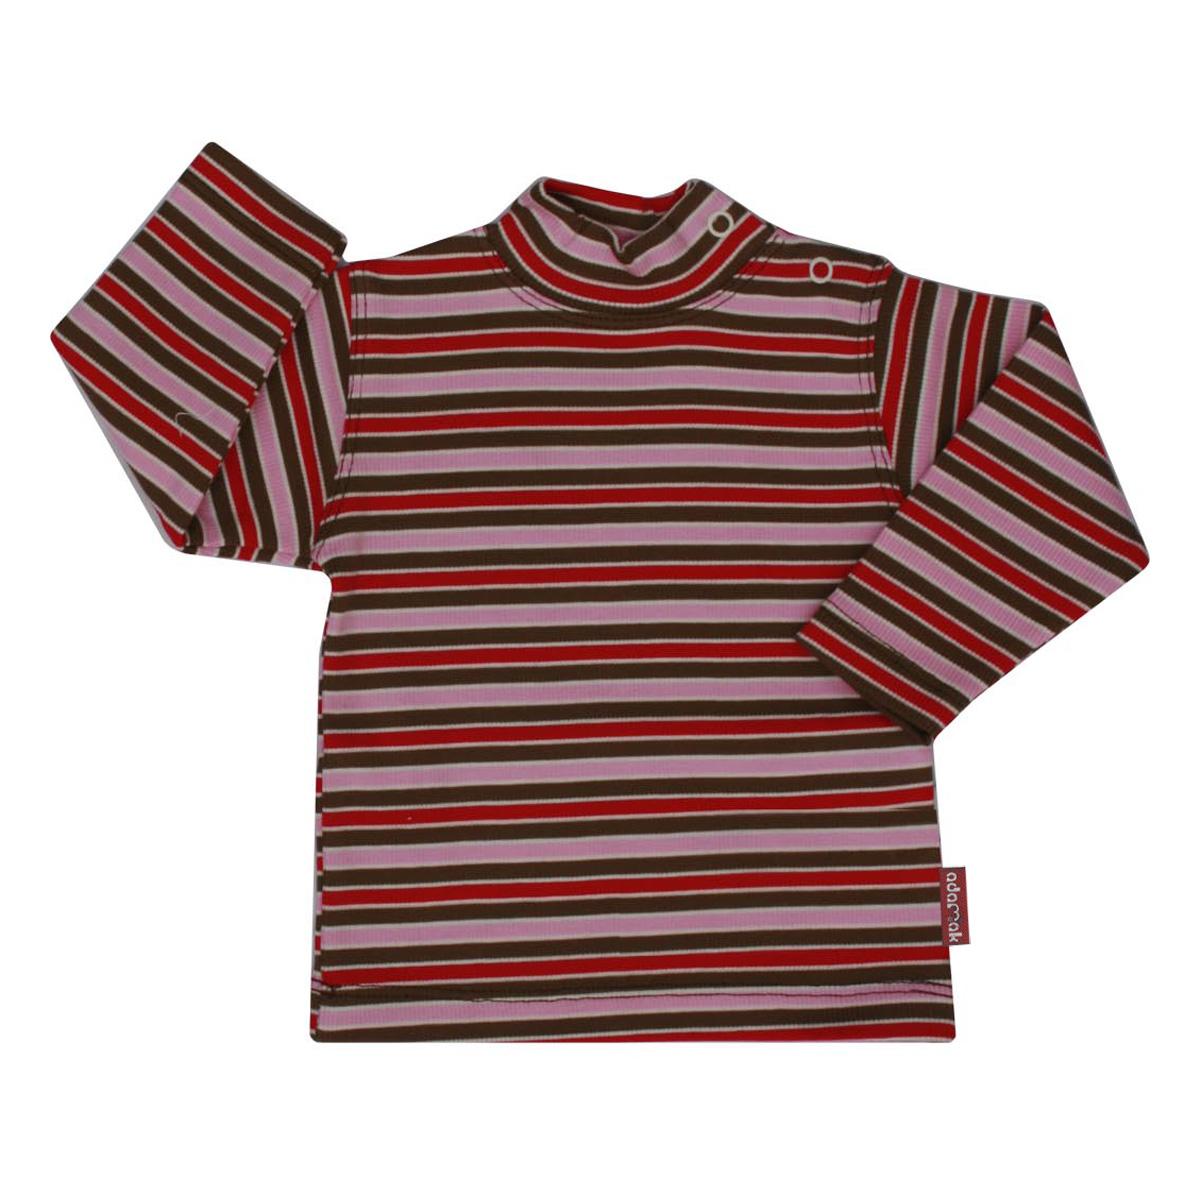 تی شرت آدمک طرح راه راه کد 17-143201 -  - 2